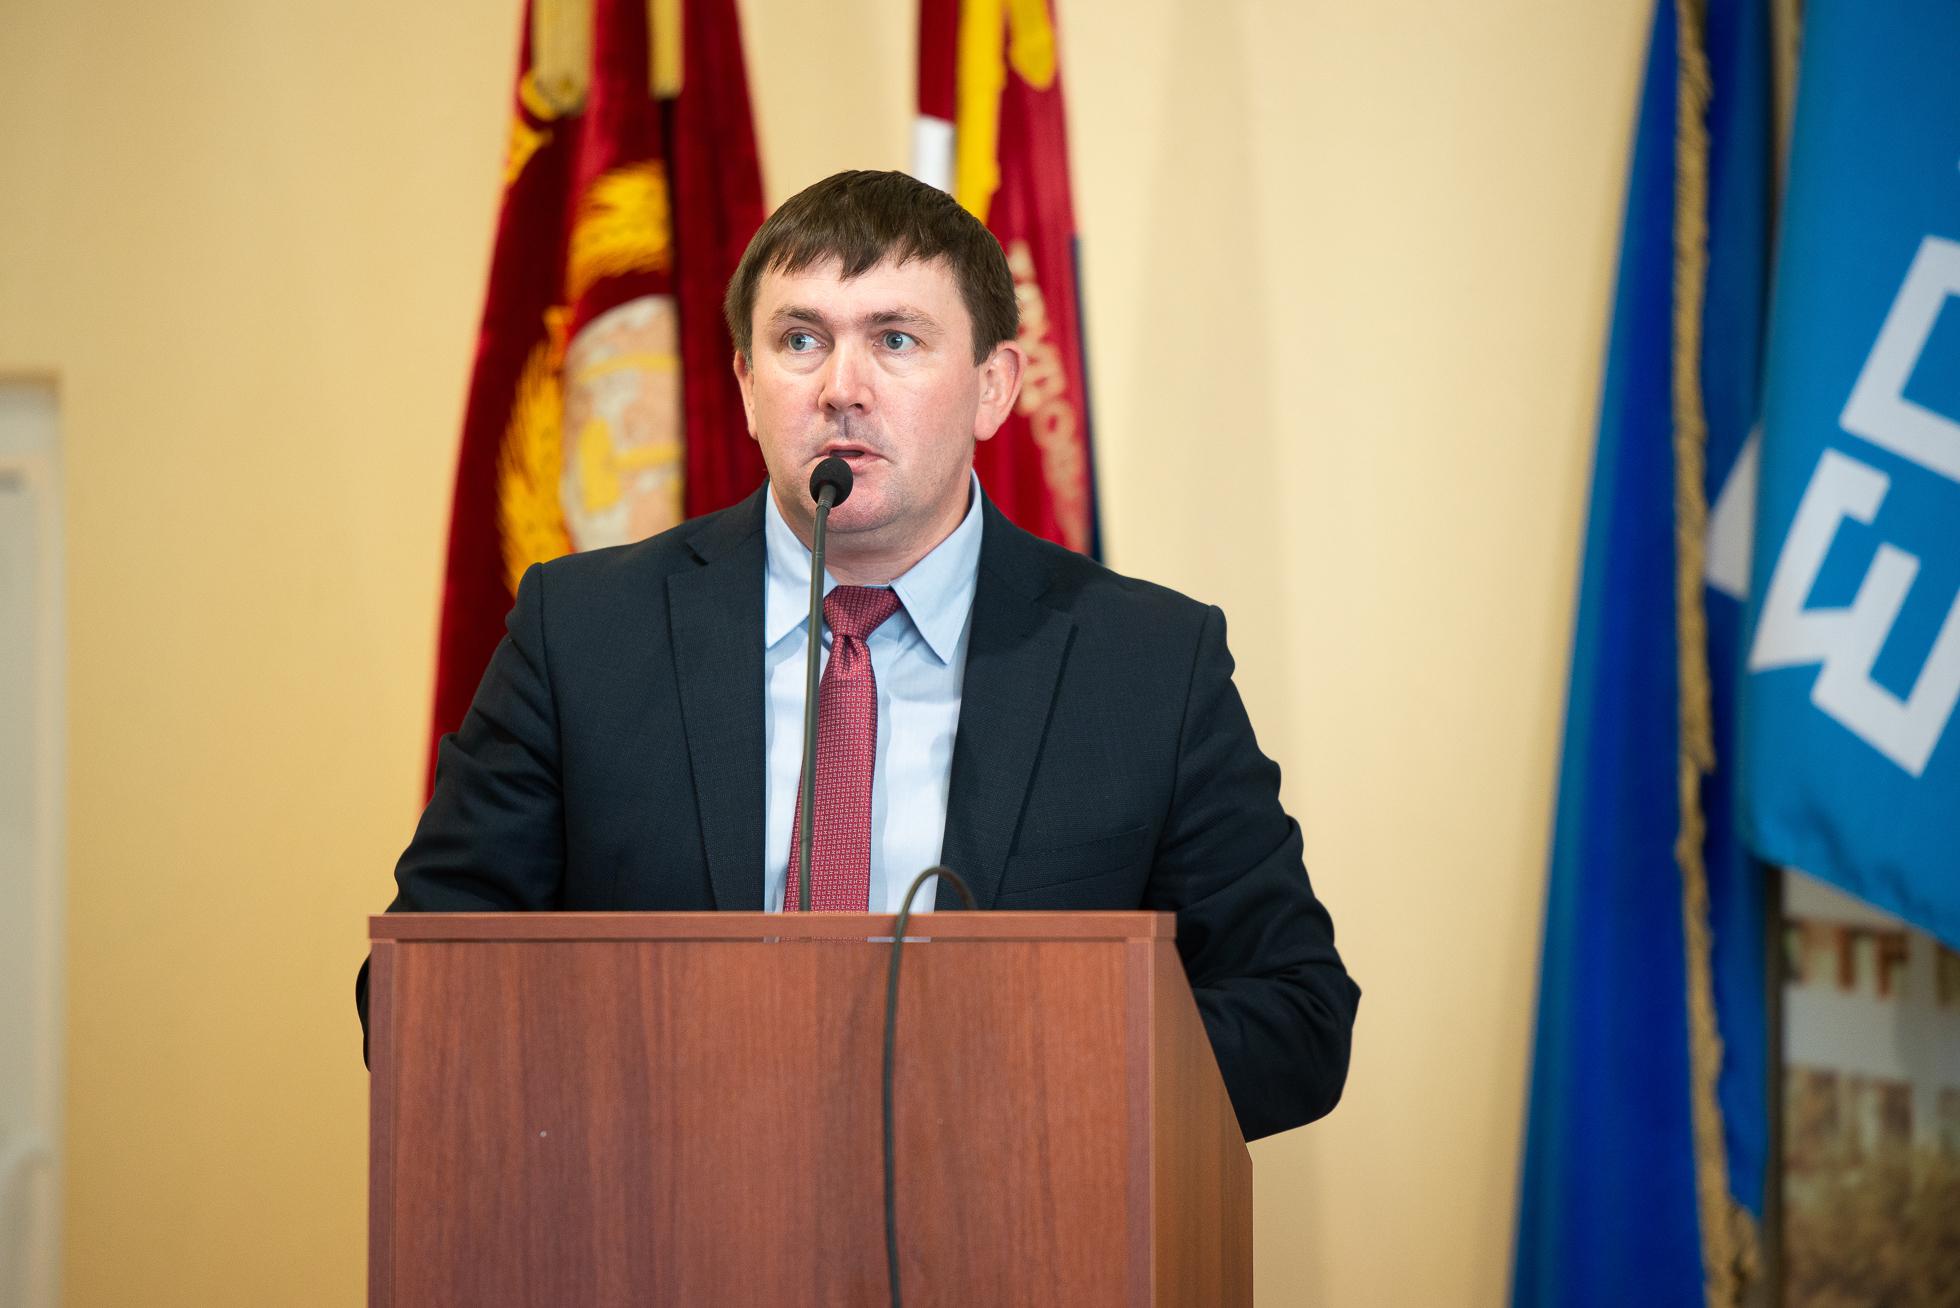 Глава администрации МО г. Каменск-Уральский Алексей Шмыков